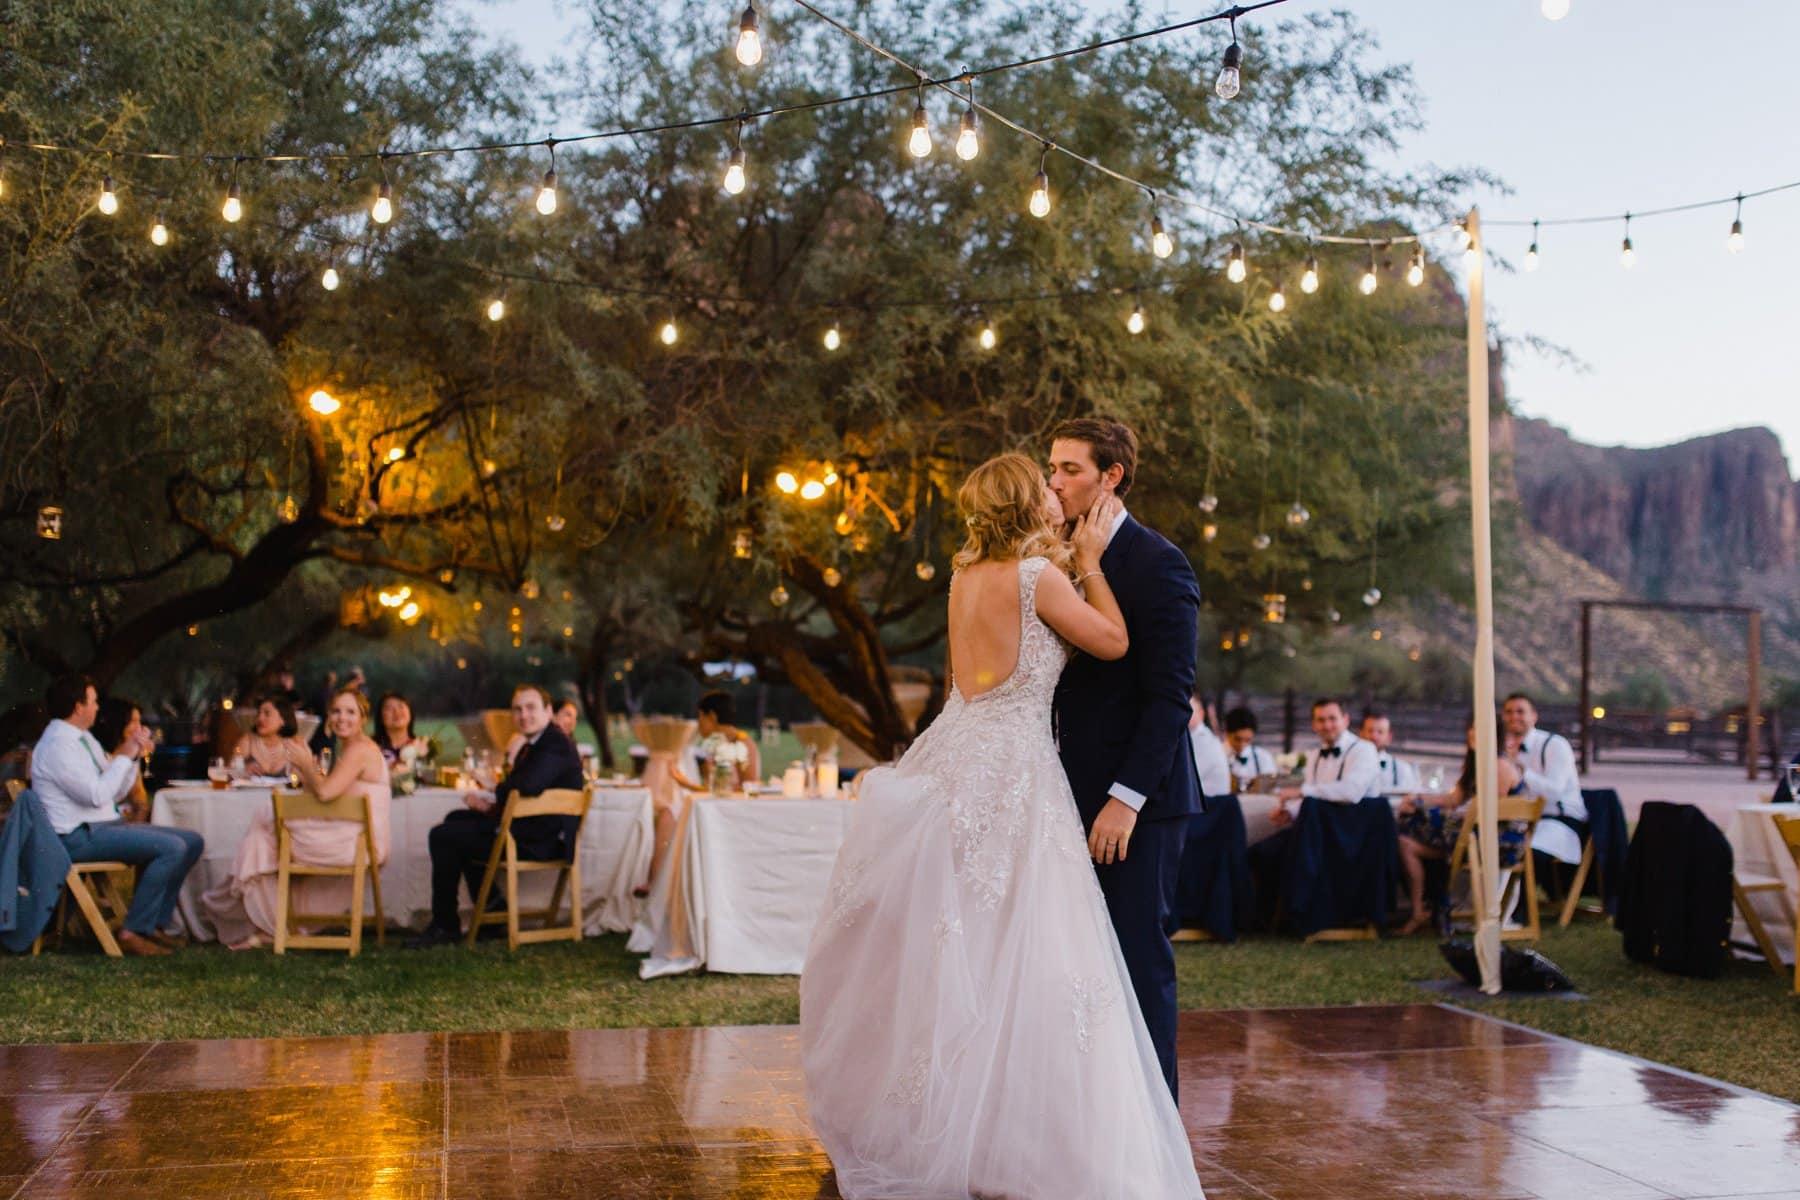 Saguaro Lake Ranch wedding photos outdoor reception venue Arizona